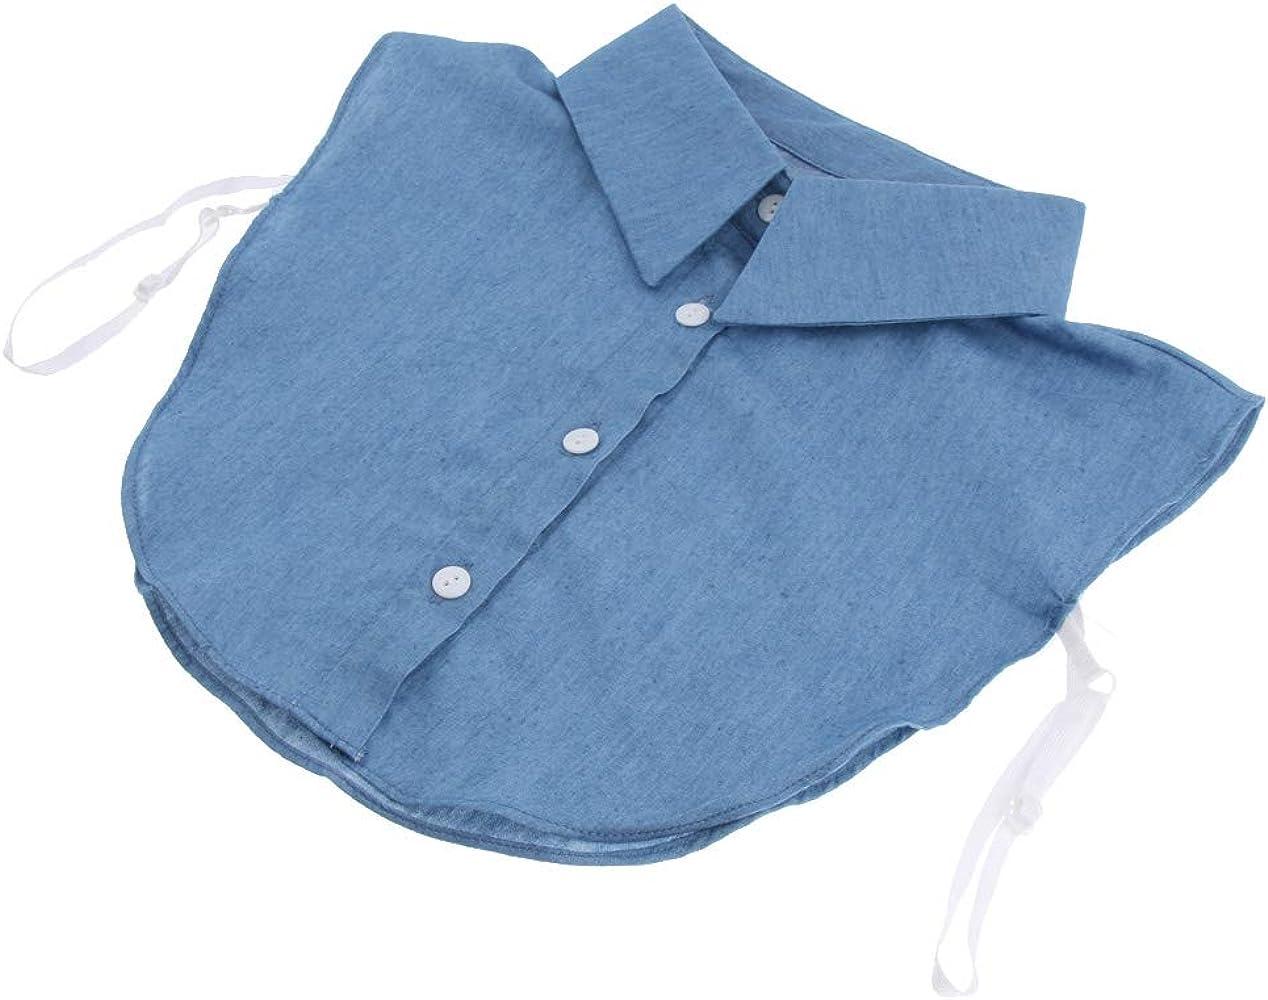 Baoblaze Cuello Falso de Algodón Desmontable Dickey Collar Blusa Media Camisas Cuello - Azul, Única: Amazon.es: Ropa y accesorios